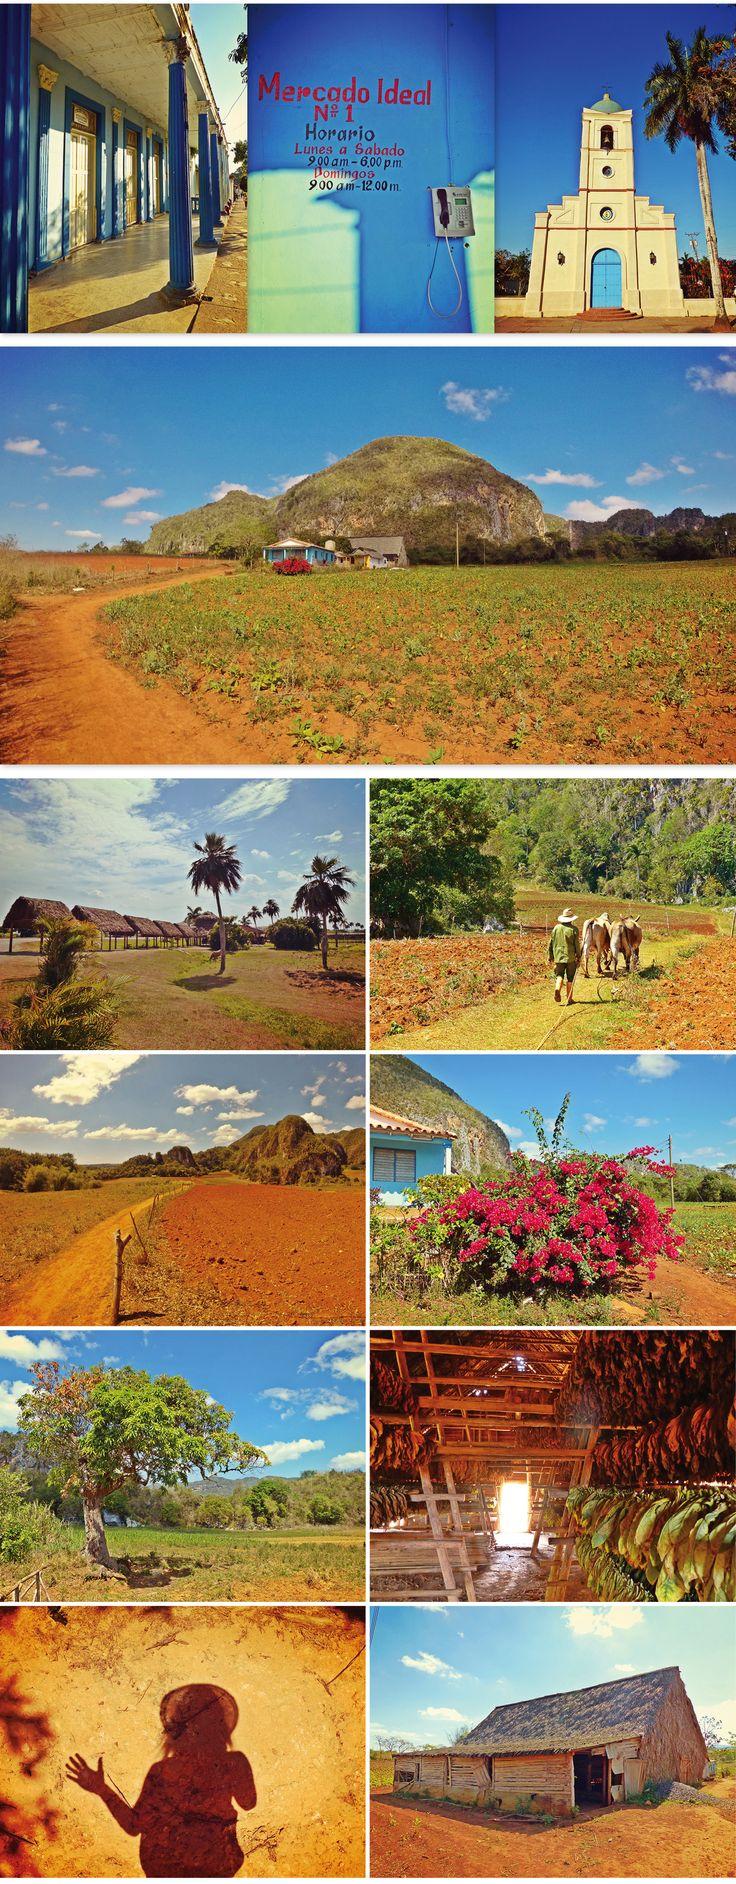 Vinales, montagnes, cigares et plantation de tabac - 28 raisons d'aimer Cuba!